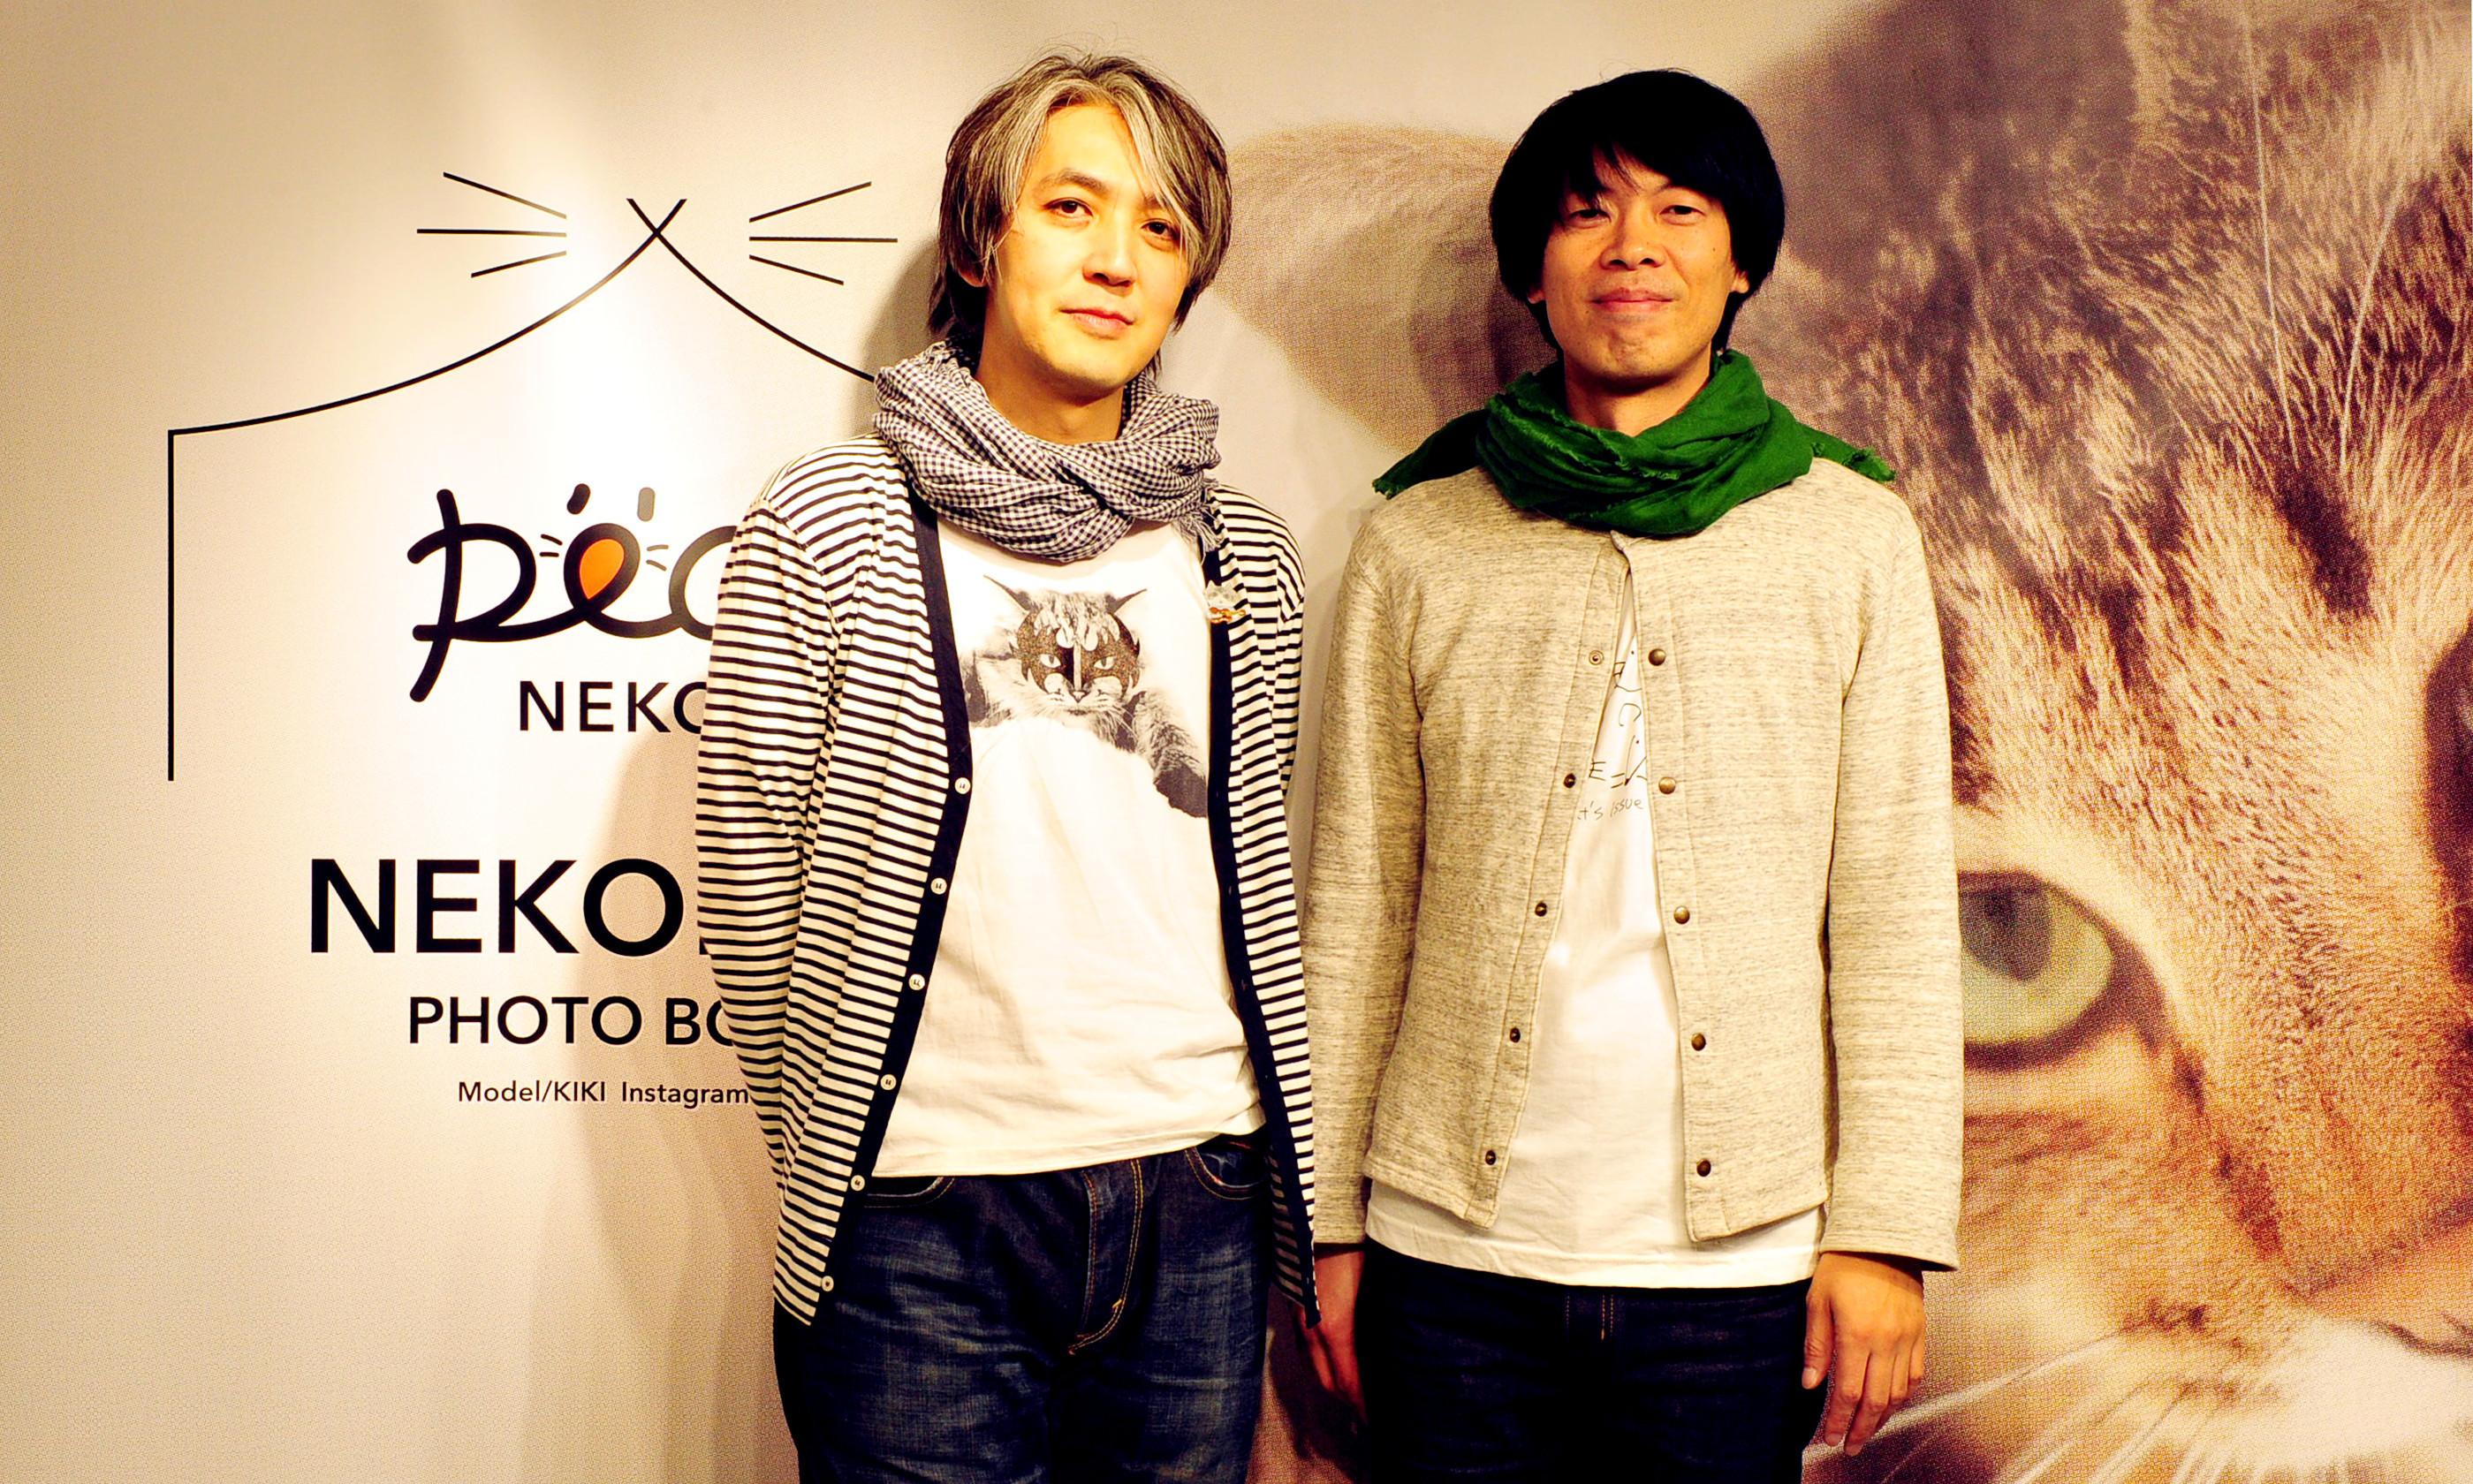 【PECO NEKO館レポート】最終日に行われた近藤研二さん・山田稔明さんによるトークイベント♪